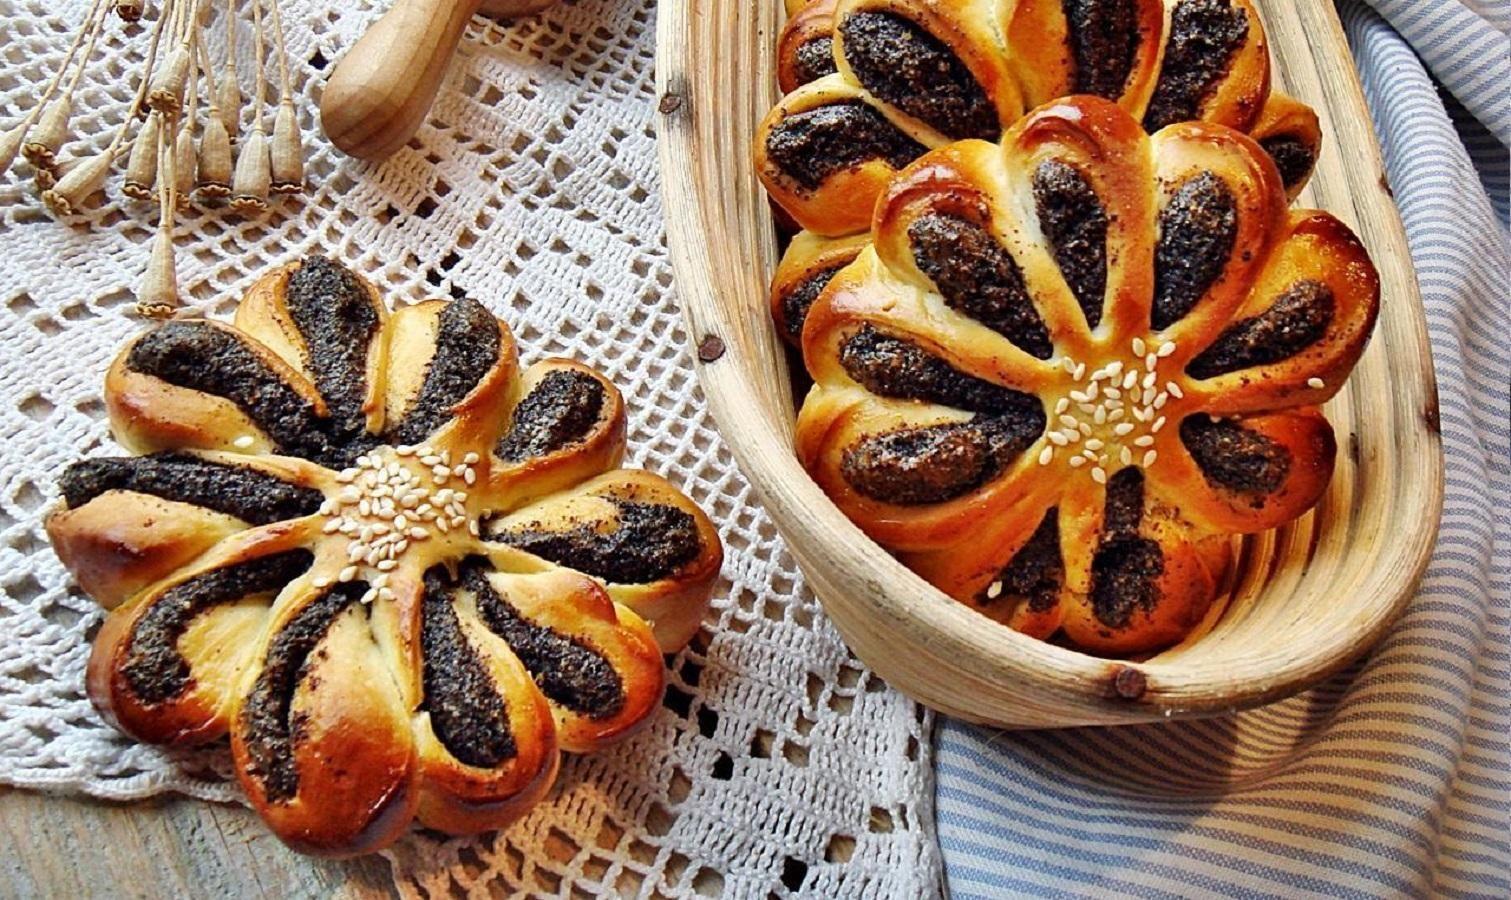 Разделка теста для красивой выпечки: как ее разделать для дрожжевых булочек и пирожков с начинкой